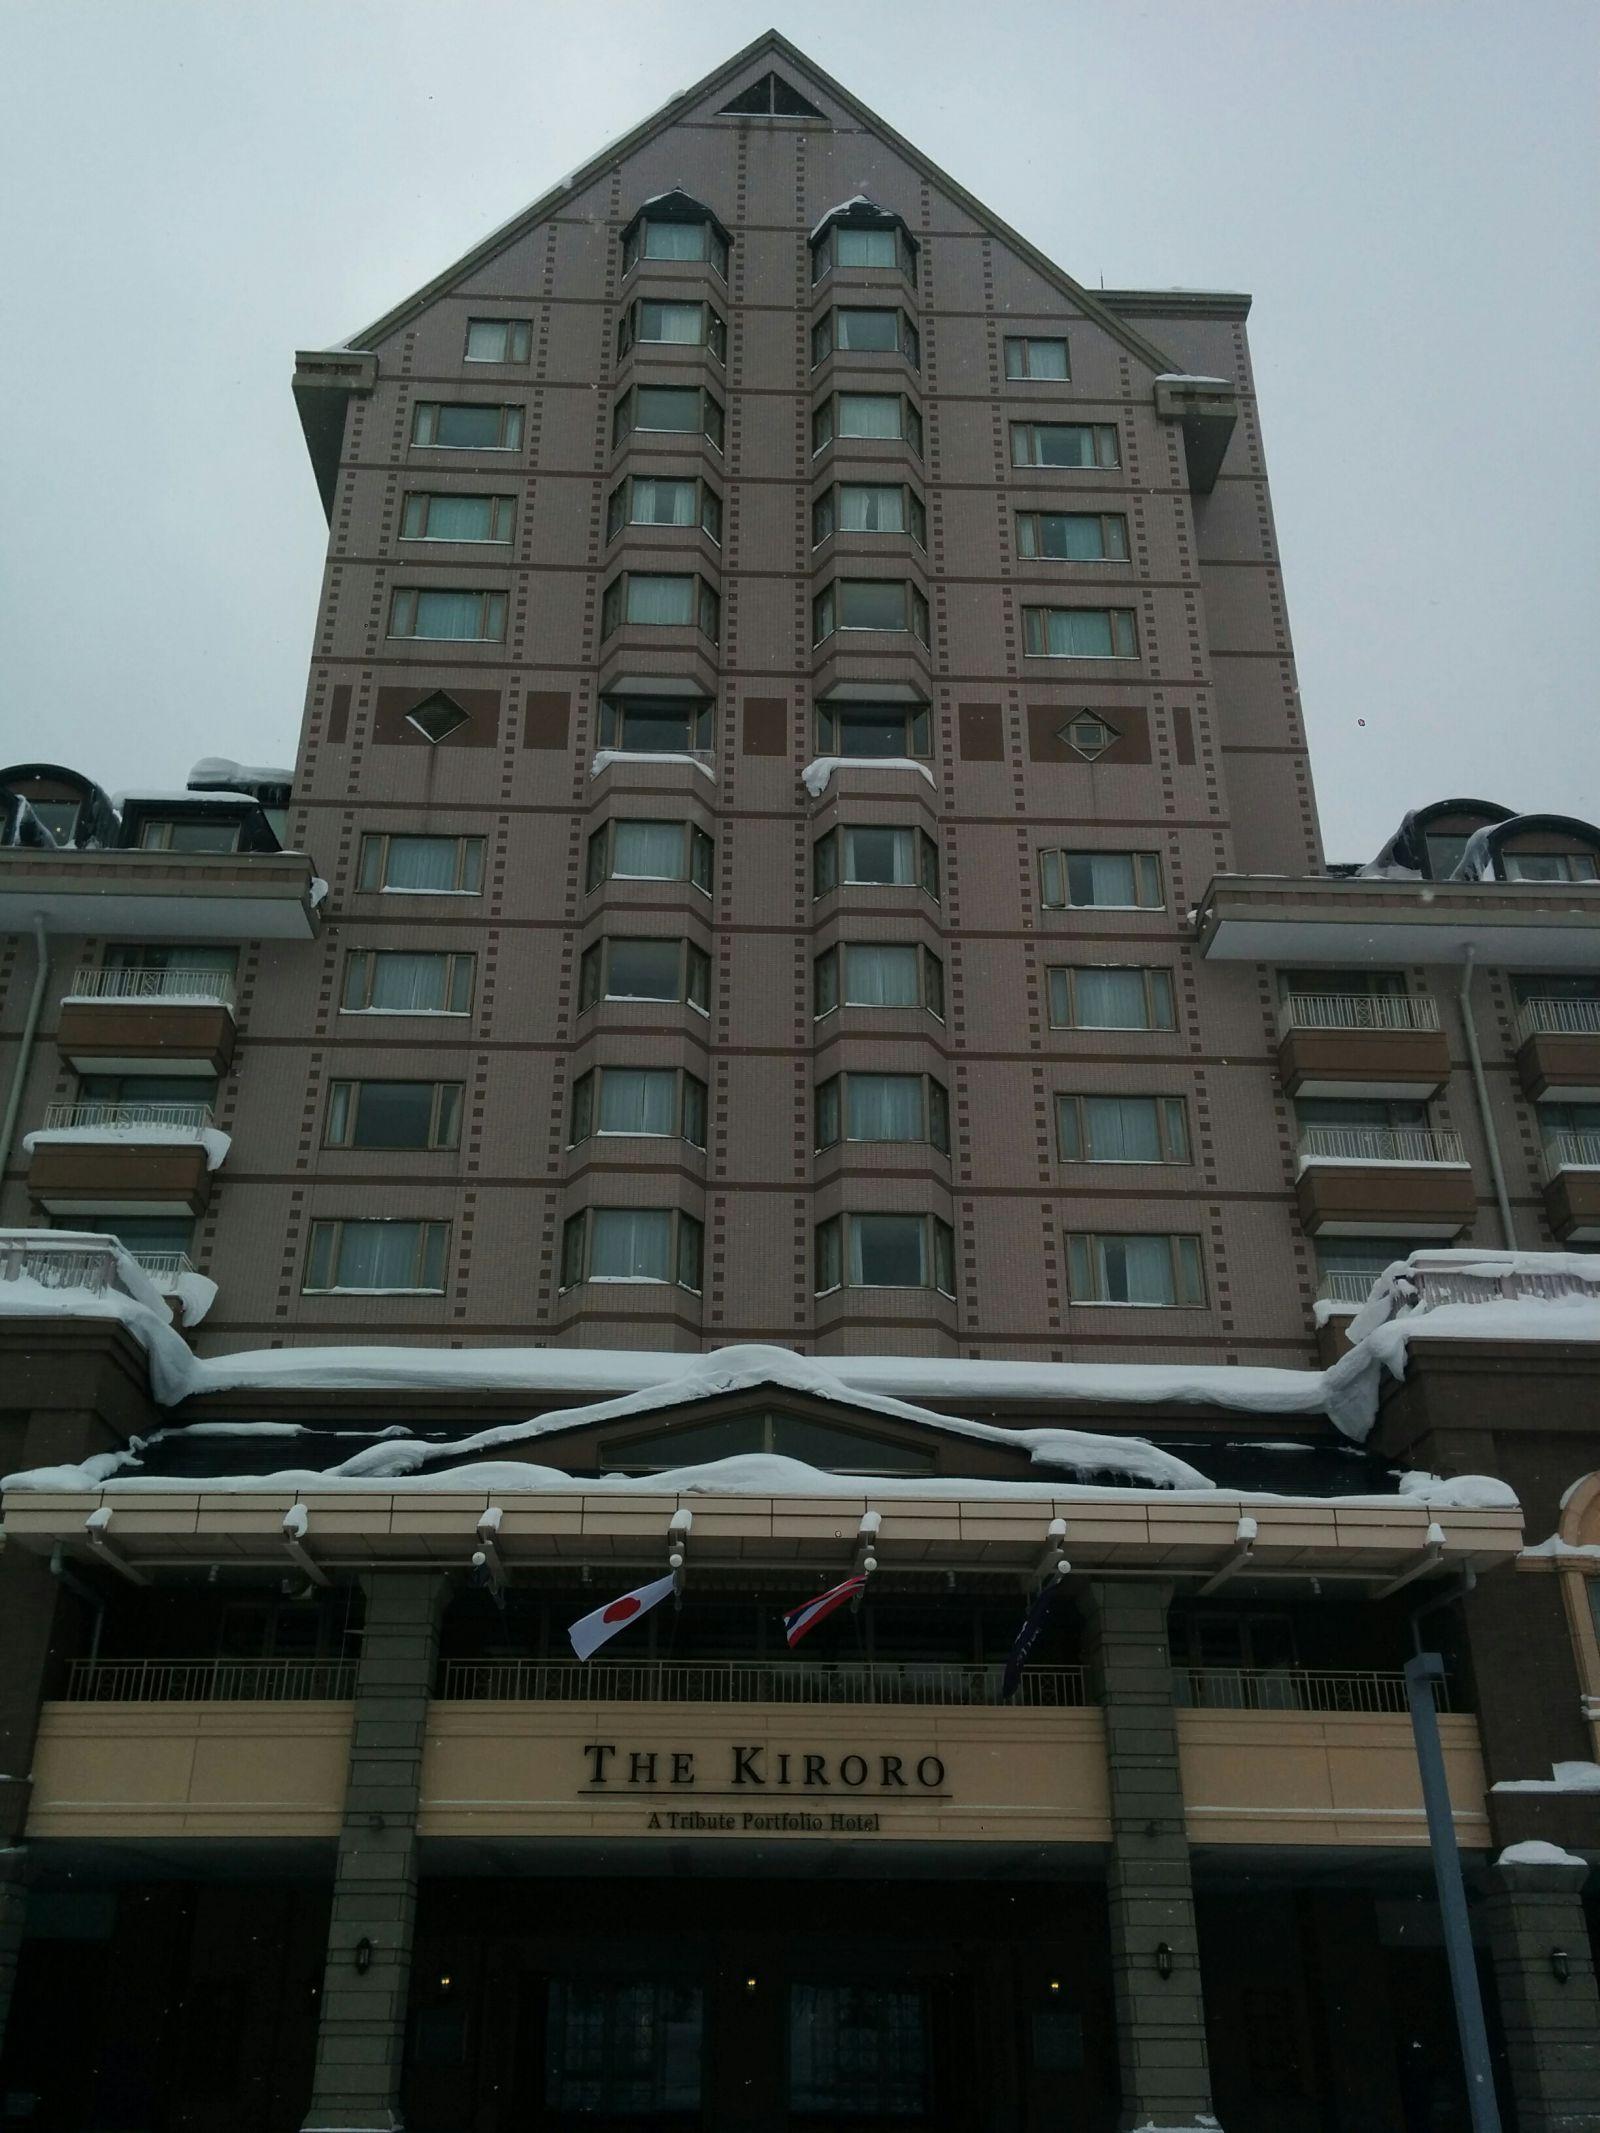 【キロロ】冬のトリビュートポートフォリオホテル観光案内です。